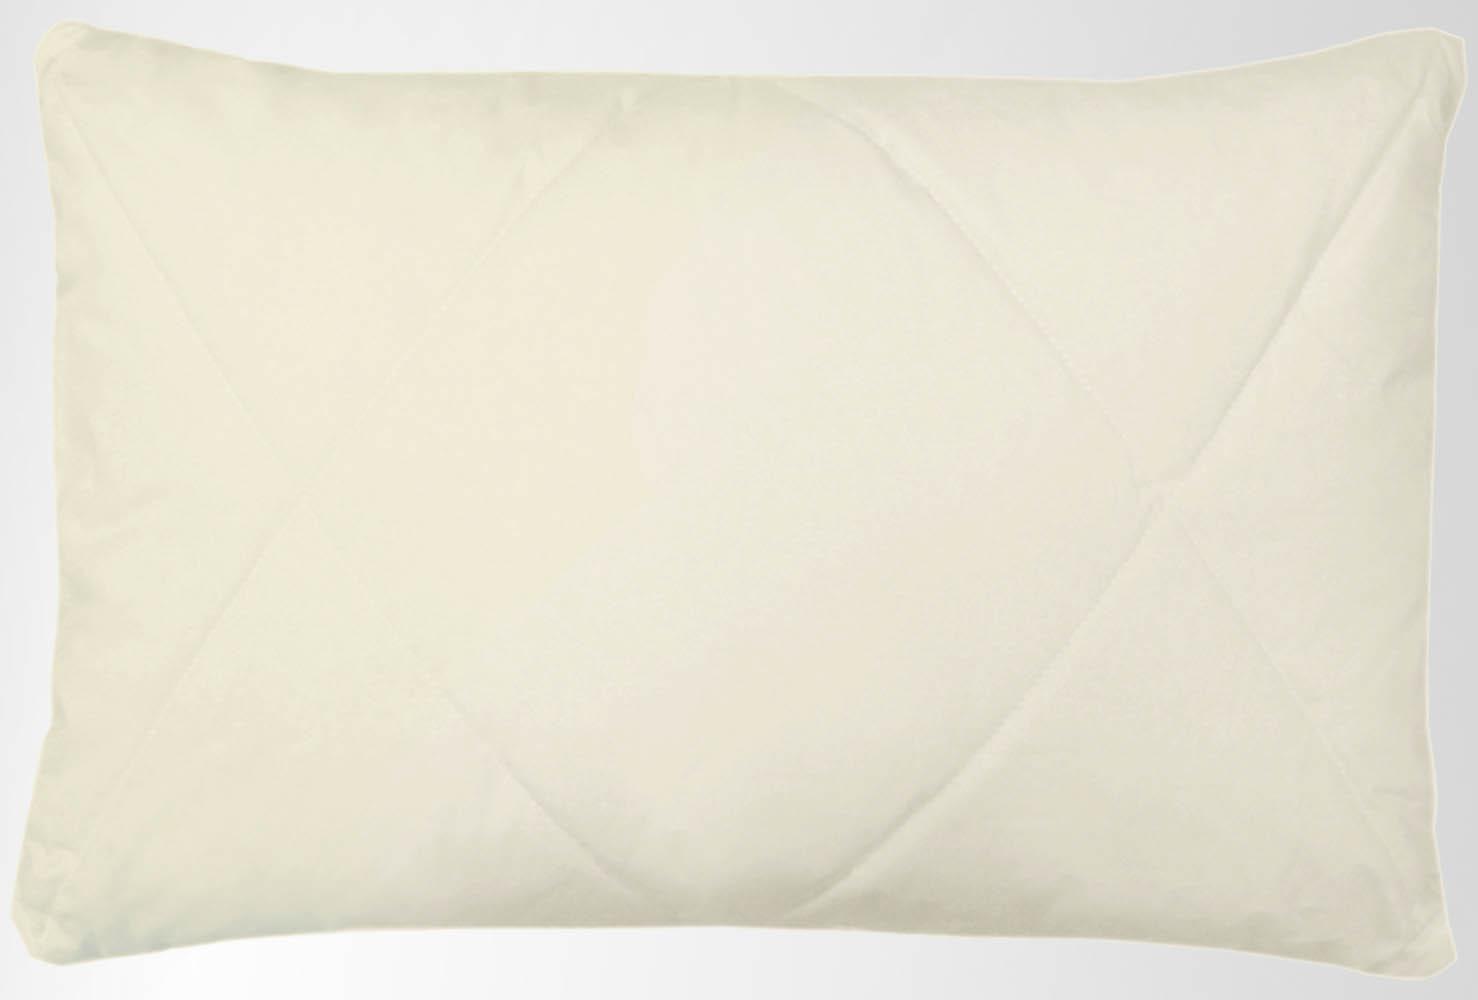 Подушки Primavelle Подушка Yak Цвет: Бежевый (68х68) подушка sortex шерсть яка наполнитель шерсть силиконизированное волокно 50 x 70 см